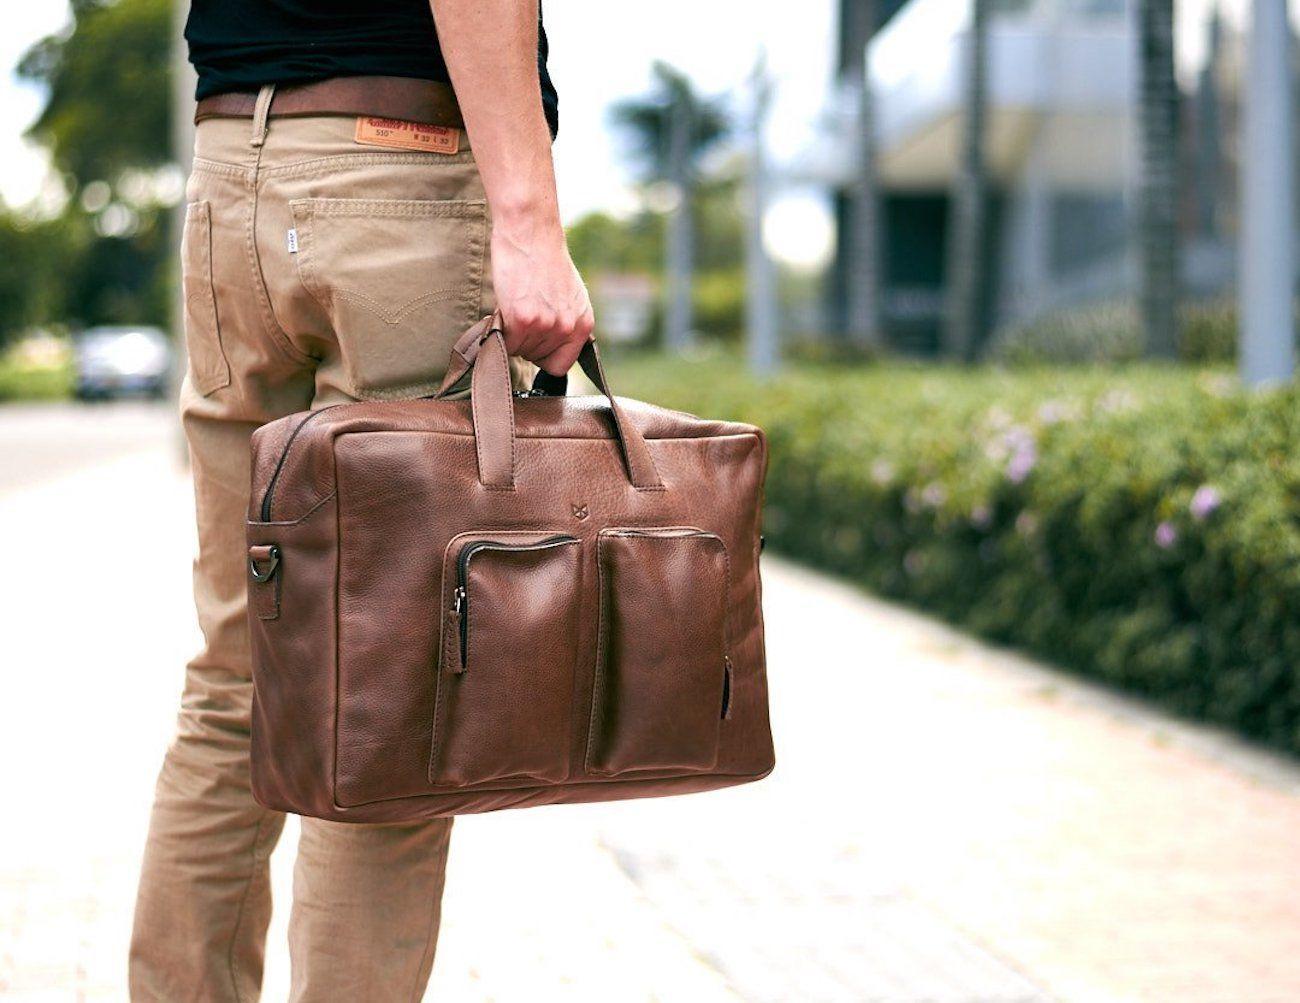 Equz Leather Messenger Bag